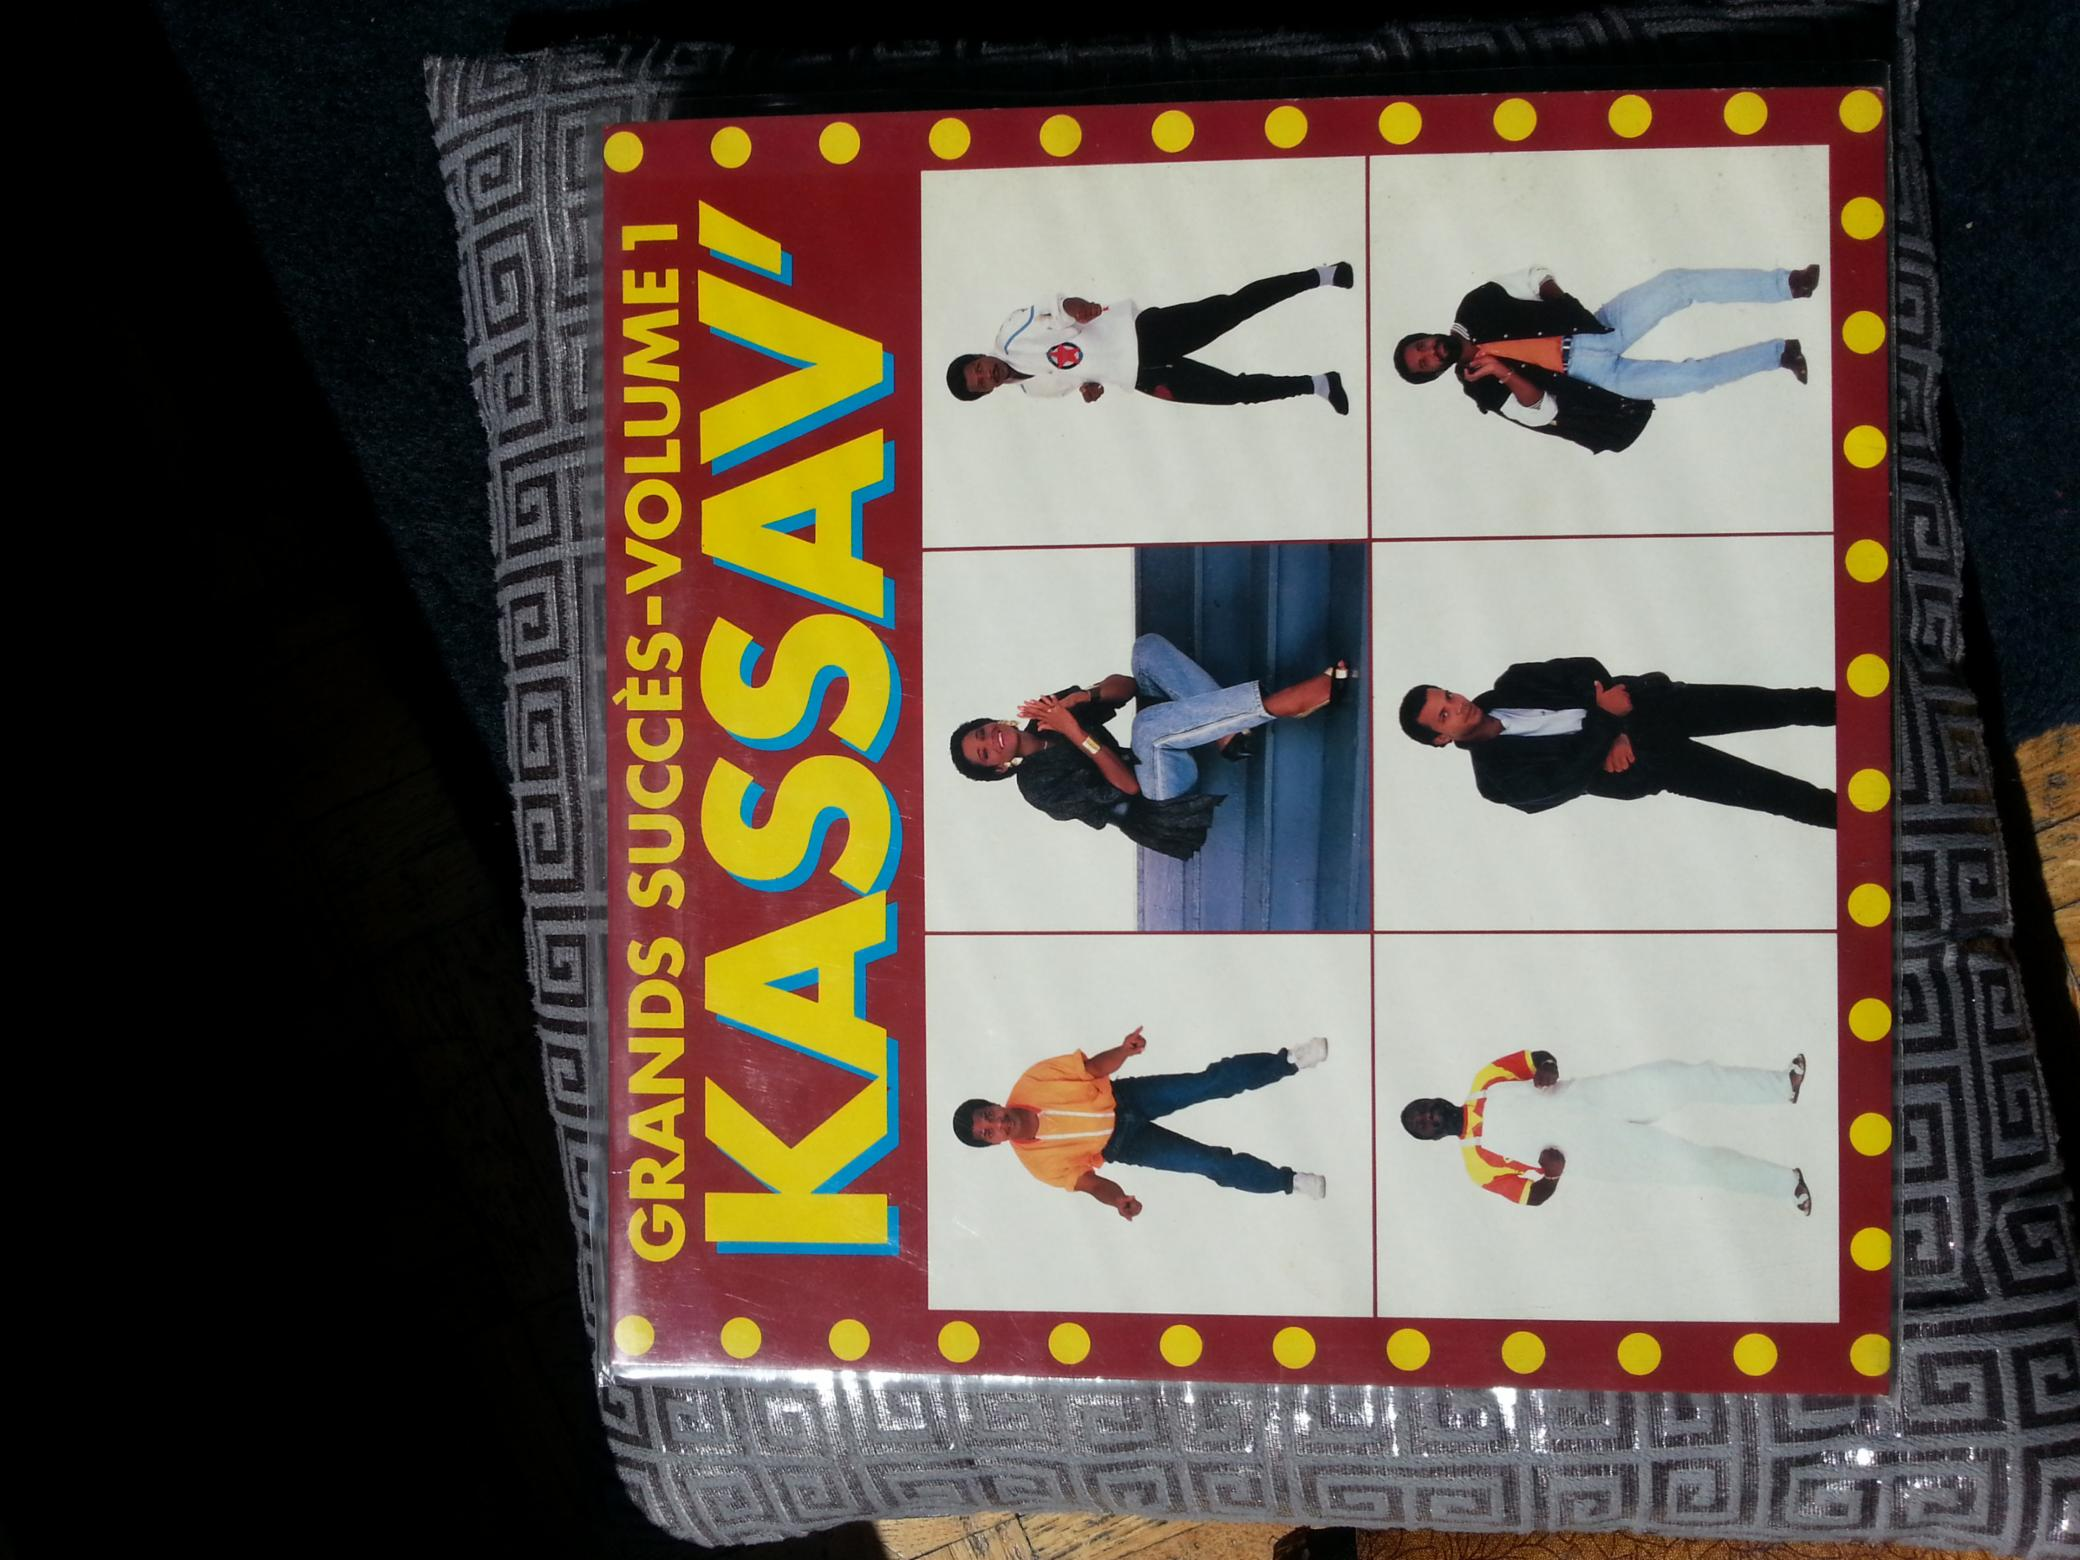 KASSA'V